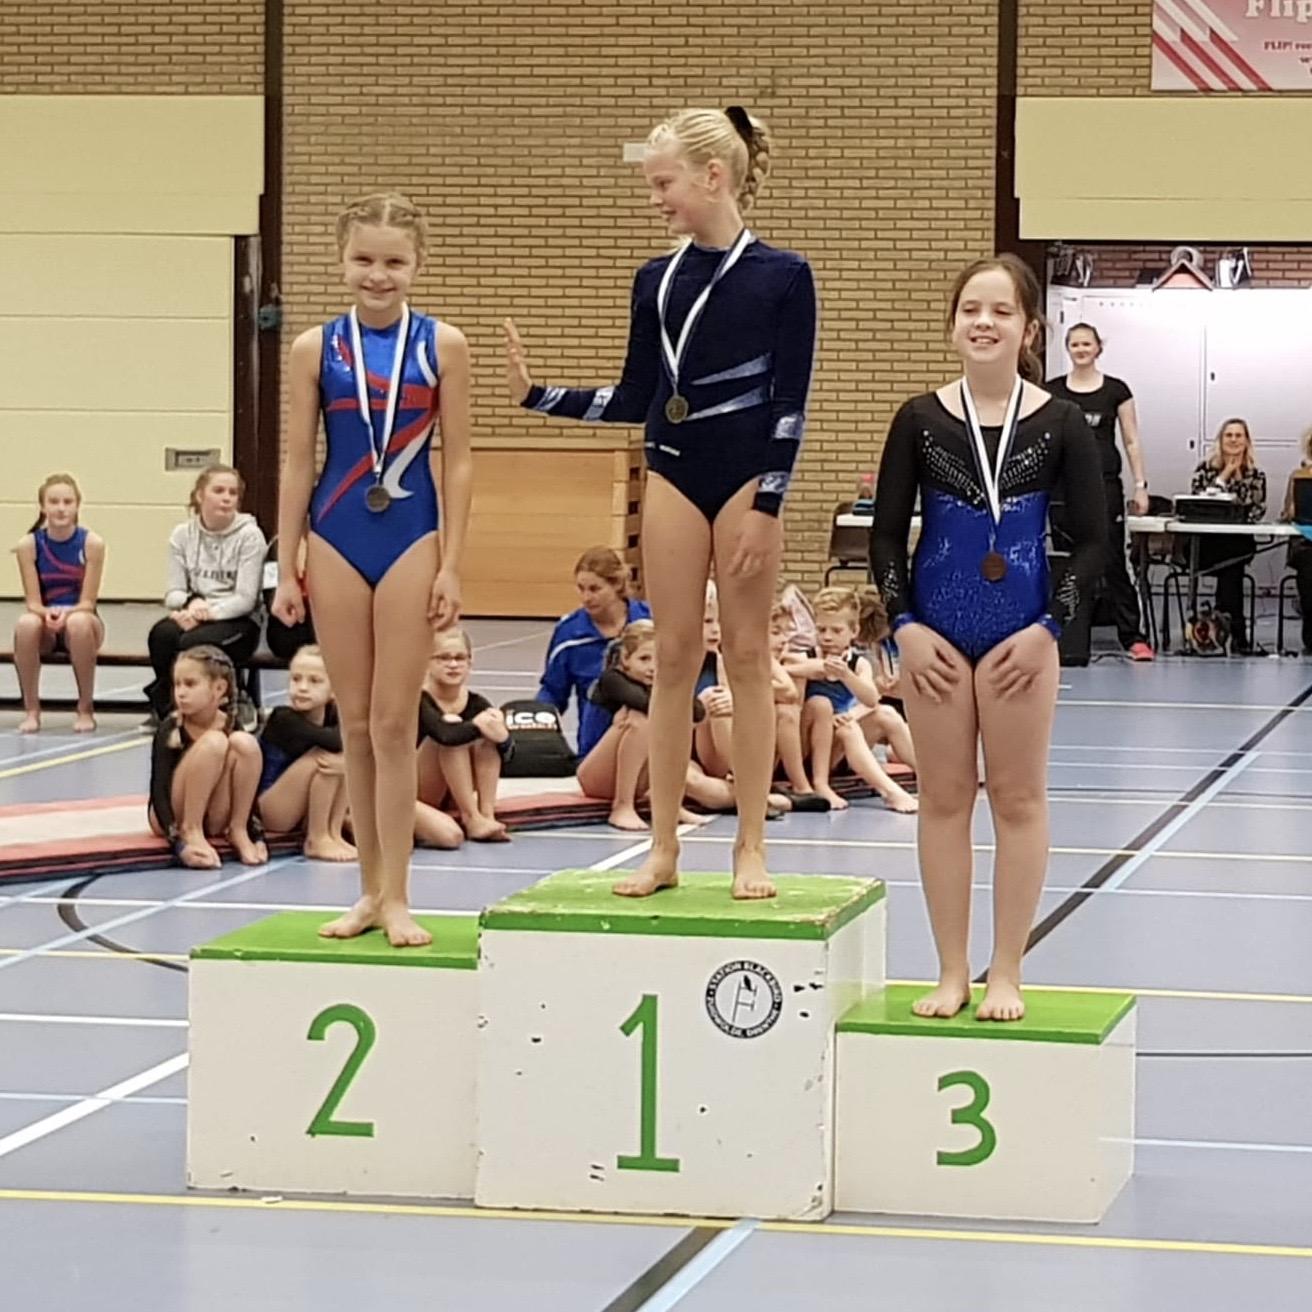 HHCombi in de prijzen bij Turnwedstrijd in Zuidwolde